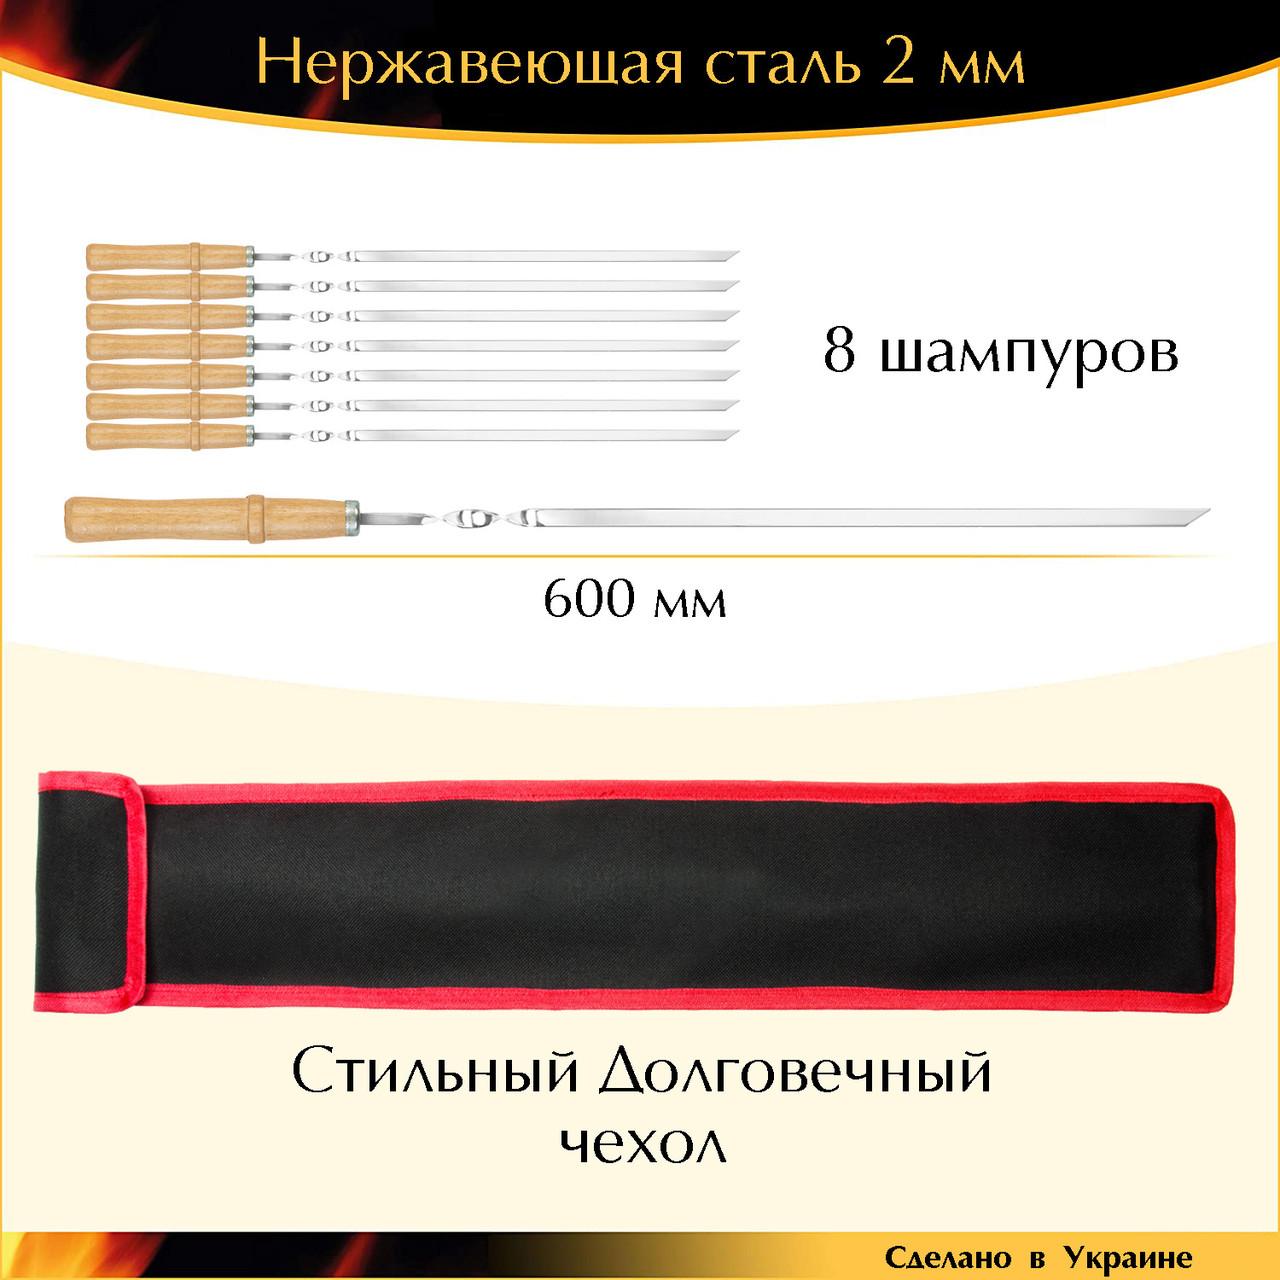 Подарунковий набір 8 шампурів ручна робота 600/10/2мм нержавійка дерев'яна ручка лак з чохлом Україна